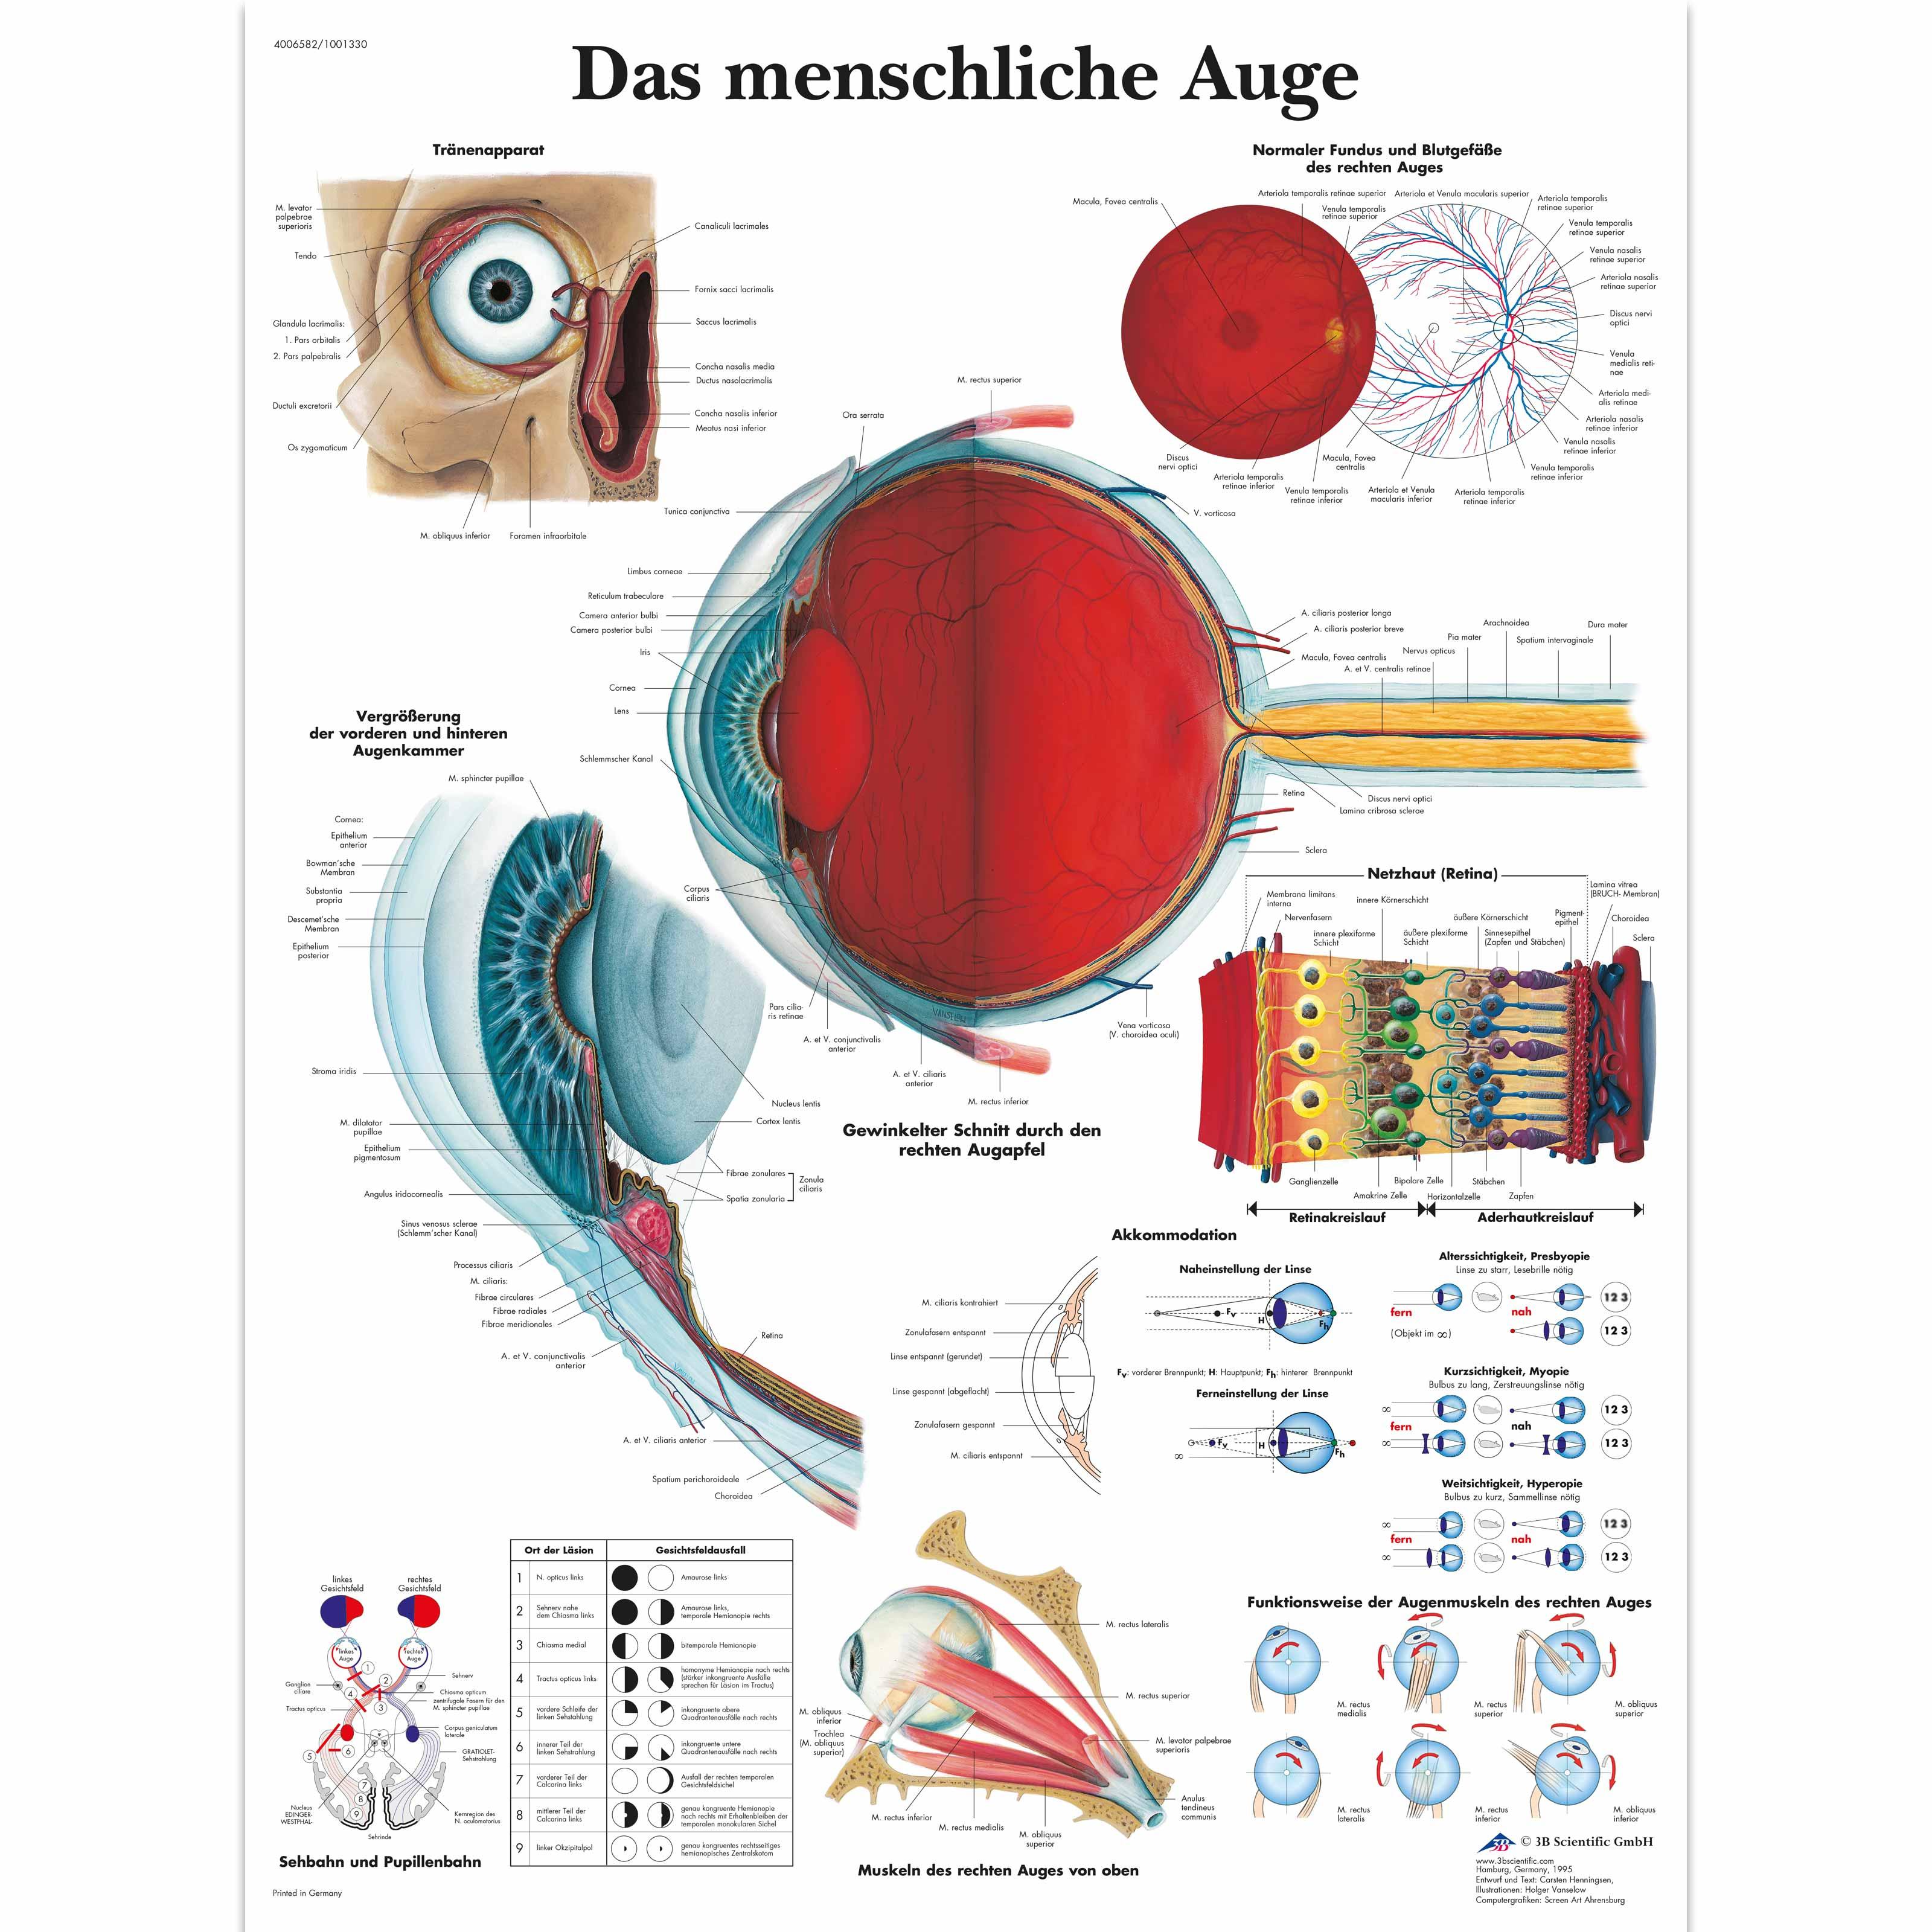 Lehrtafel - Das menschliche Auge - 4006582 - VR0226UU - Augen - 3B ...